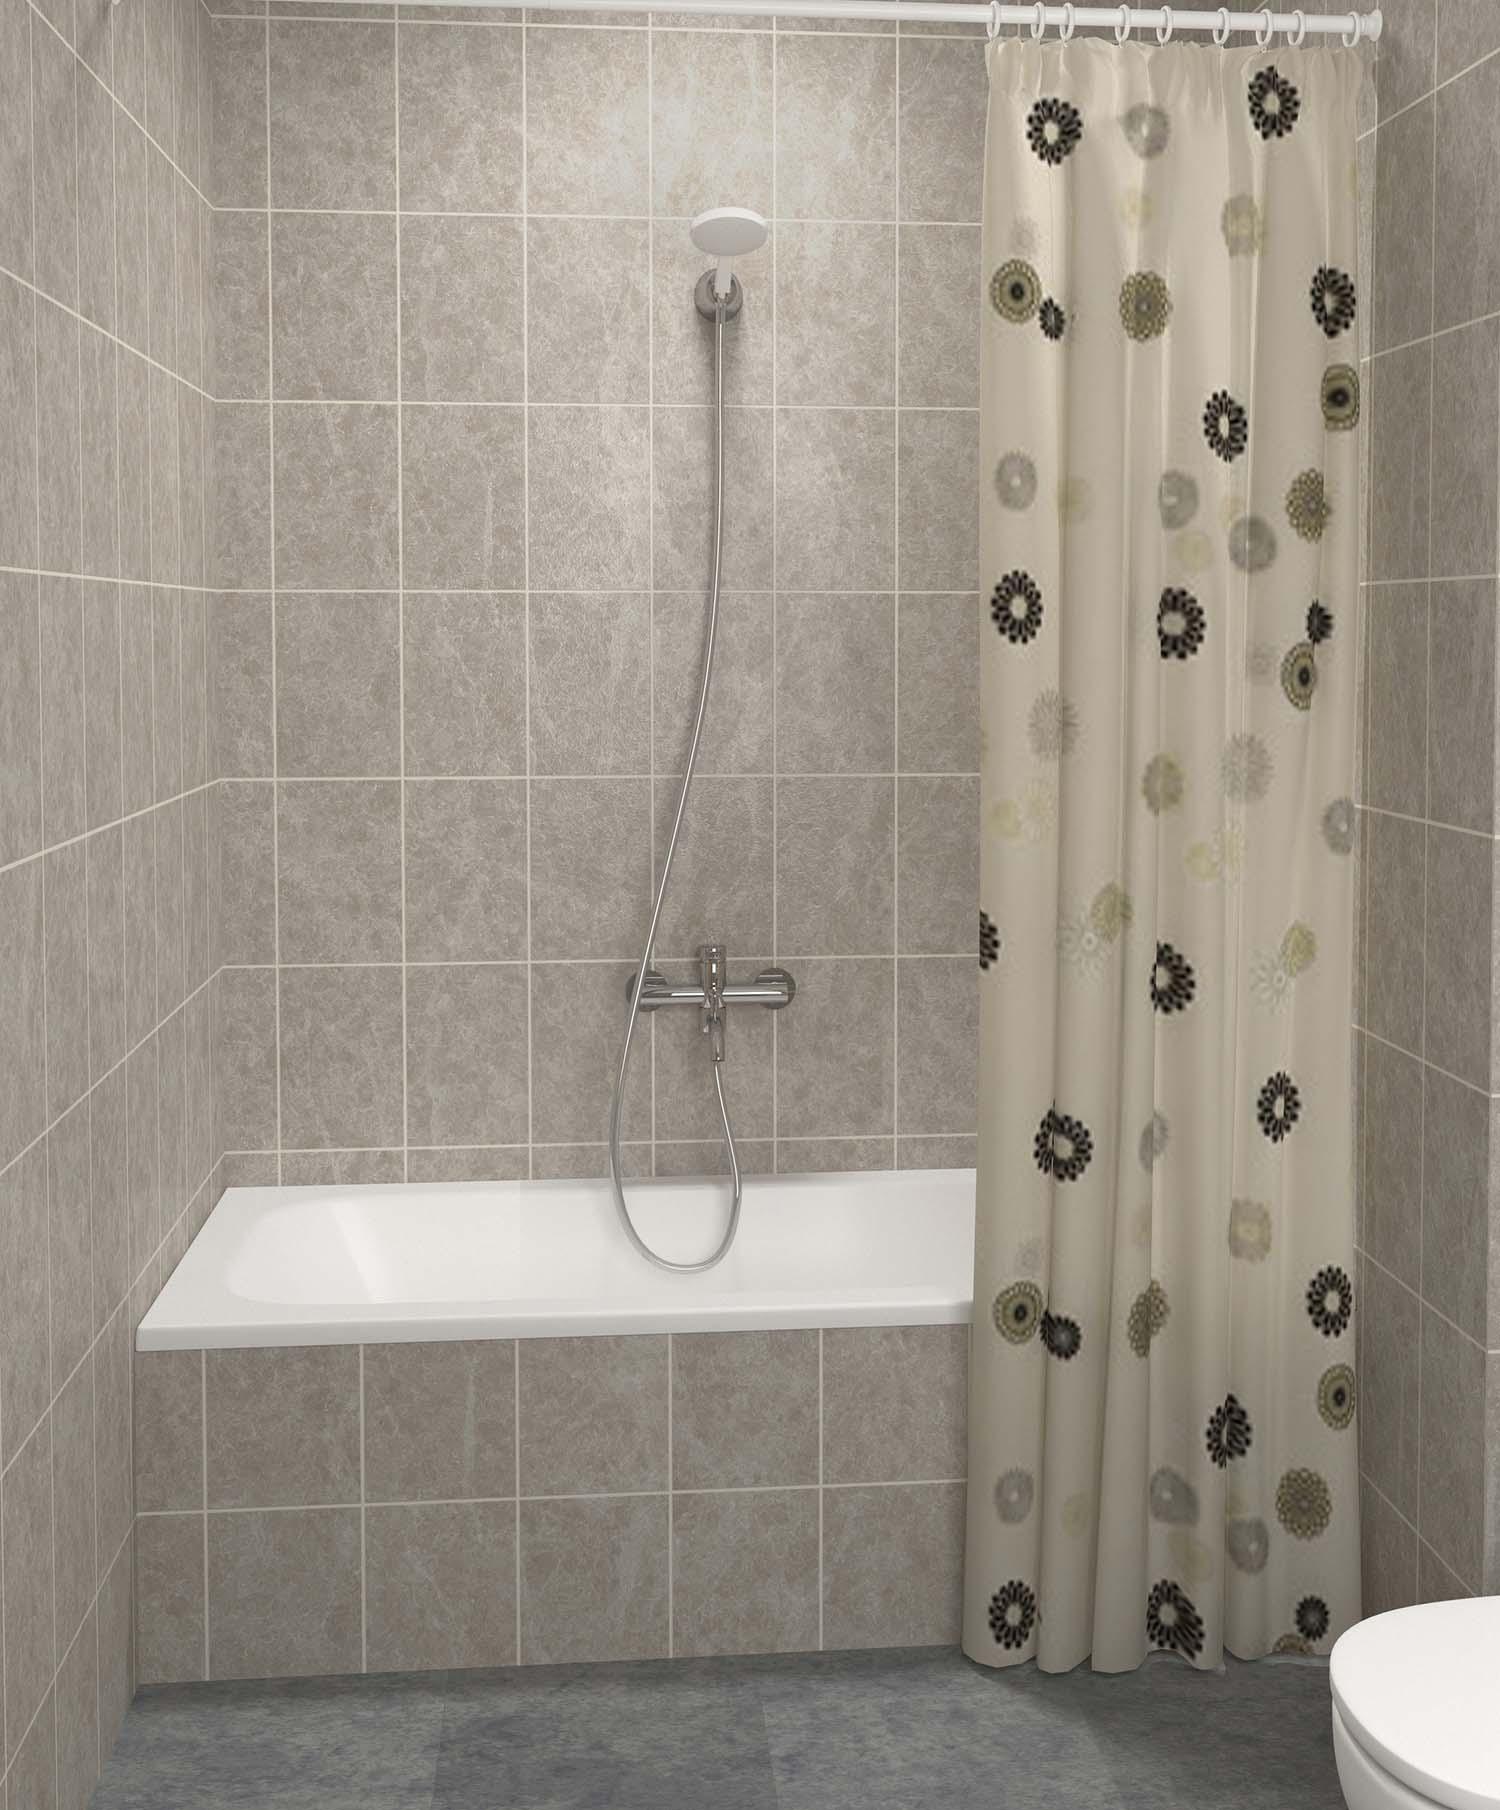 remplacement baignoire par douche de duchaya notre societe. Black Bedroom Furniture Sets. Home Design Ideas